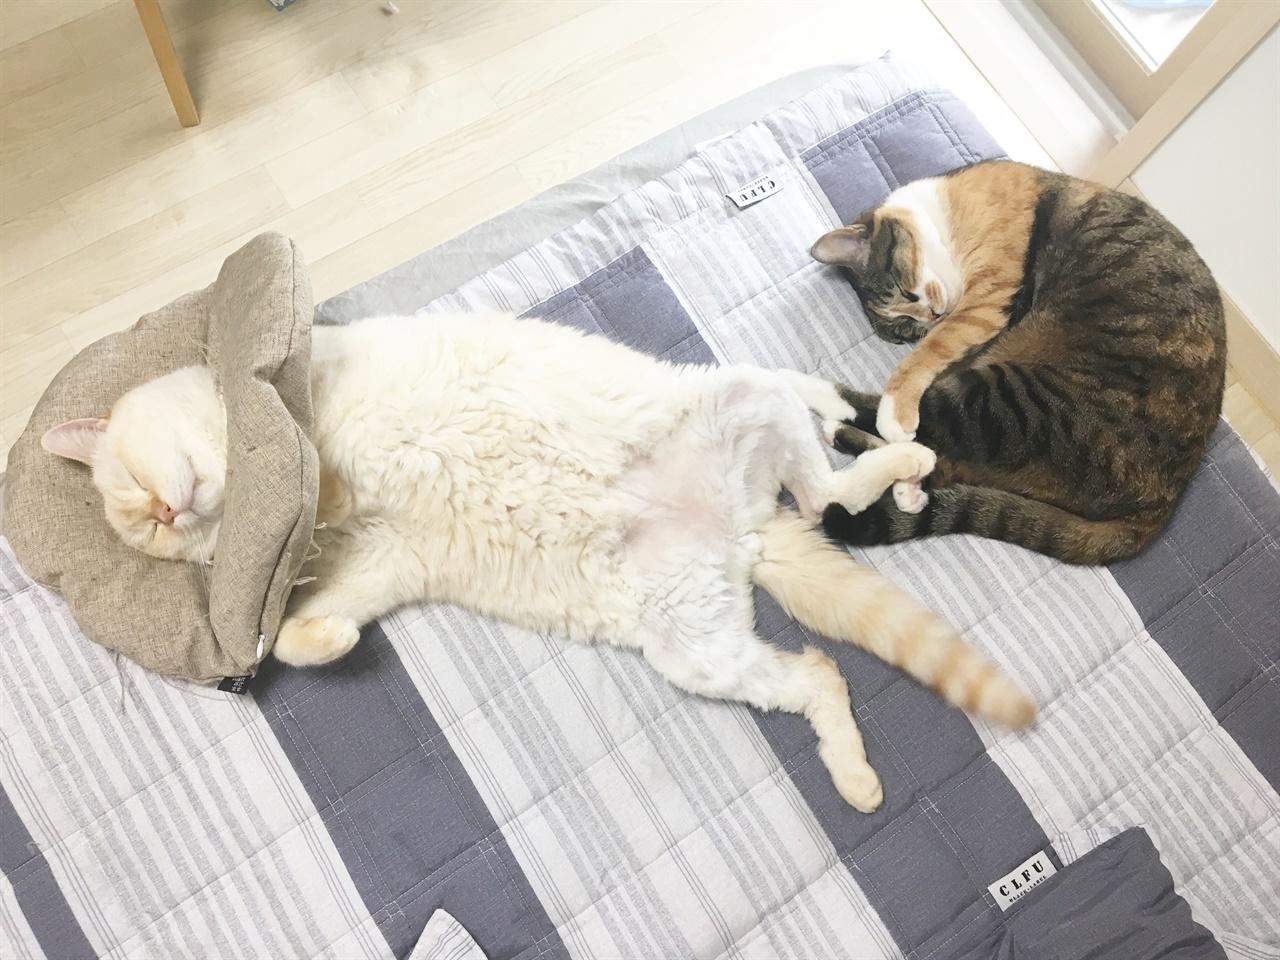 넥카라를 베고 자는 고양이 달이